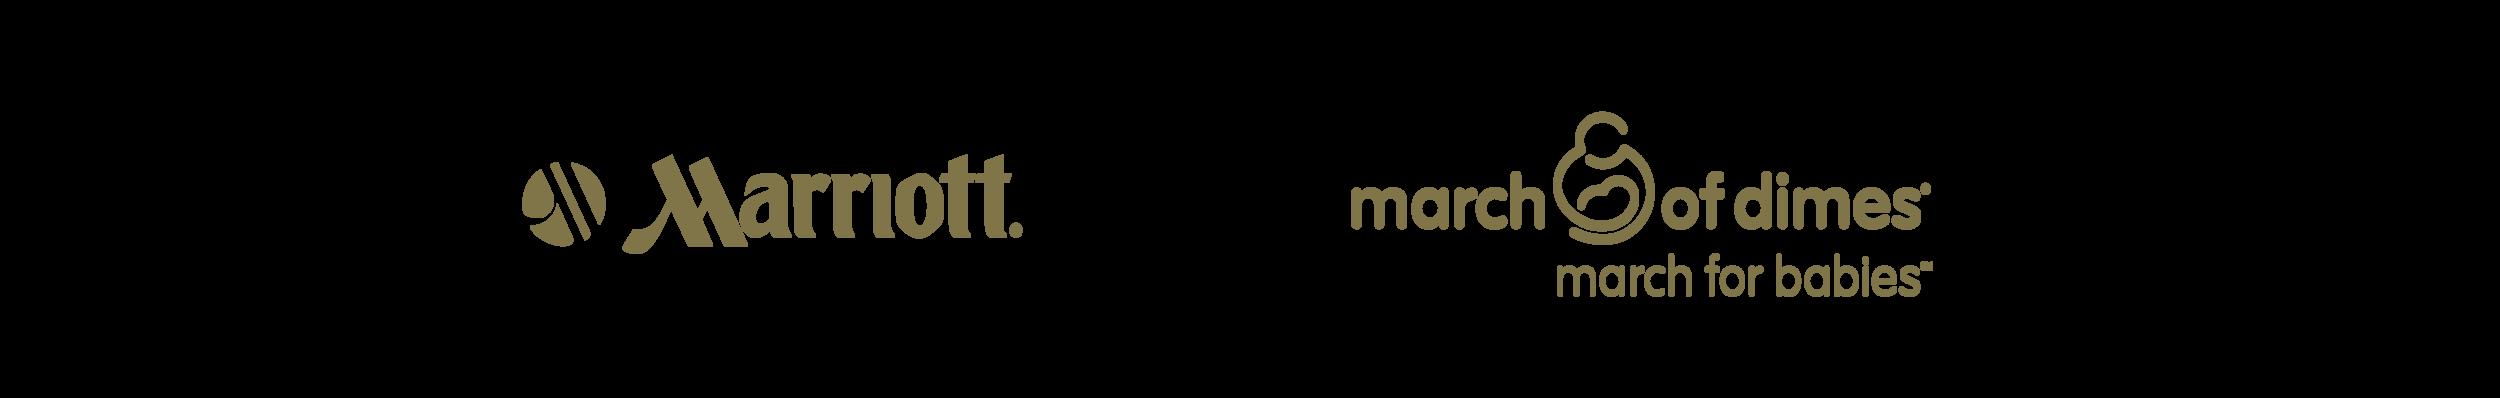 cause logo-02.png